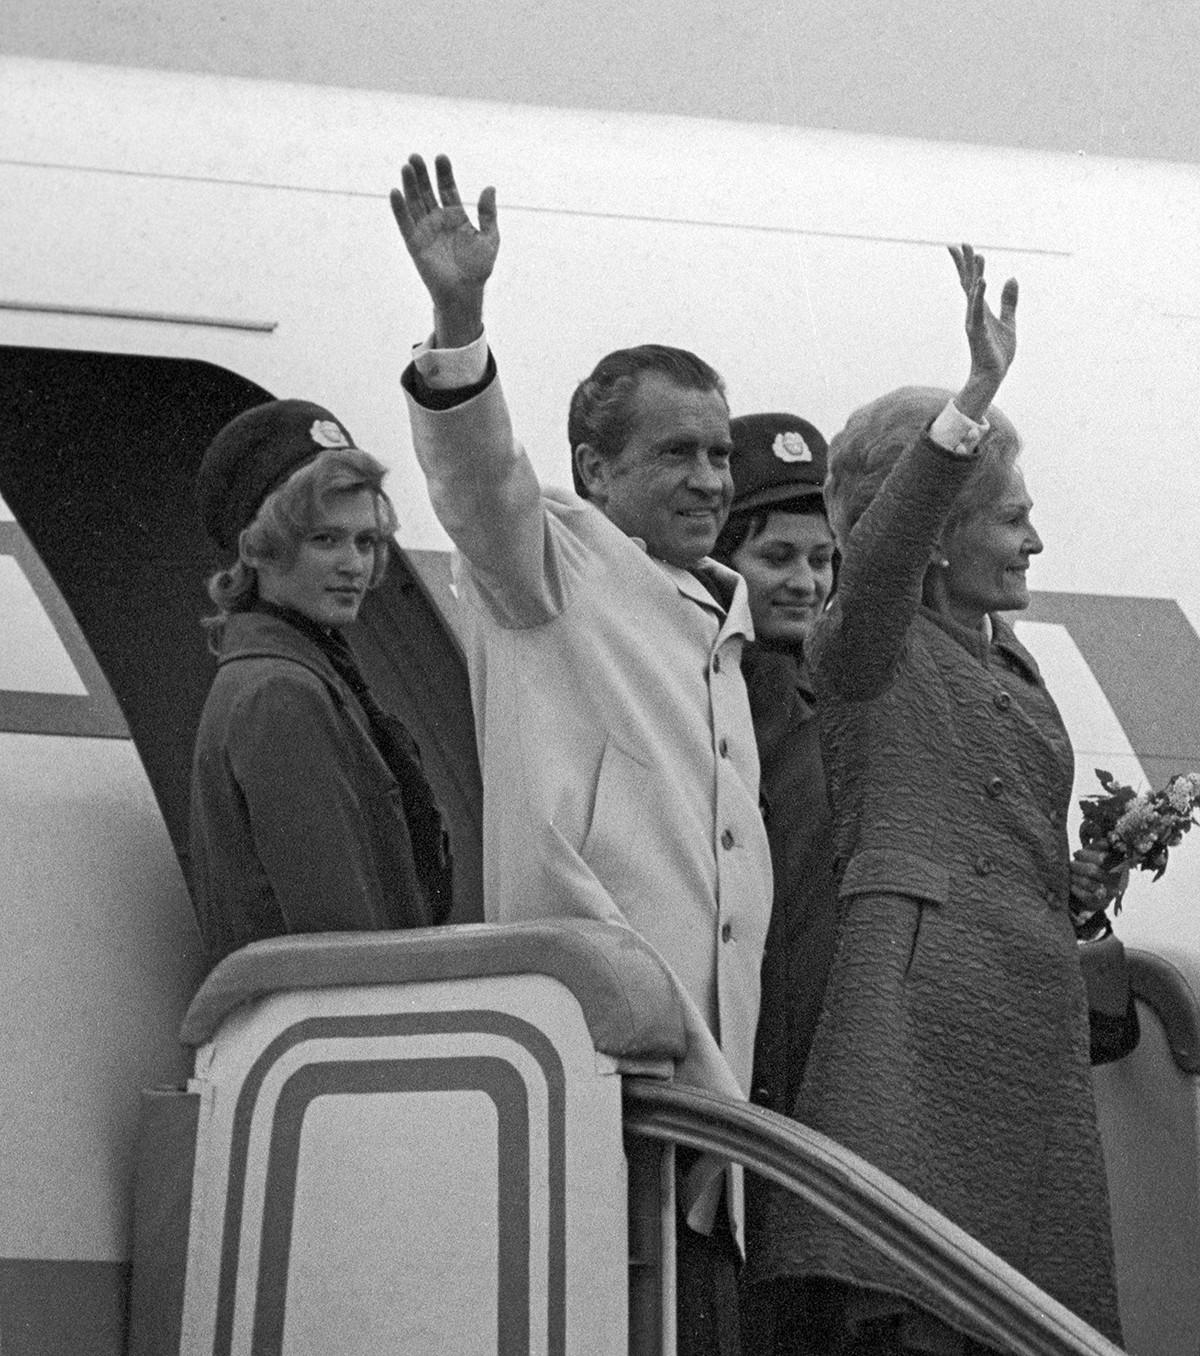 Richard Nixon et son épouse lors d'un visite en URSS